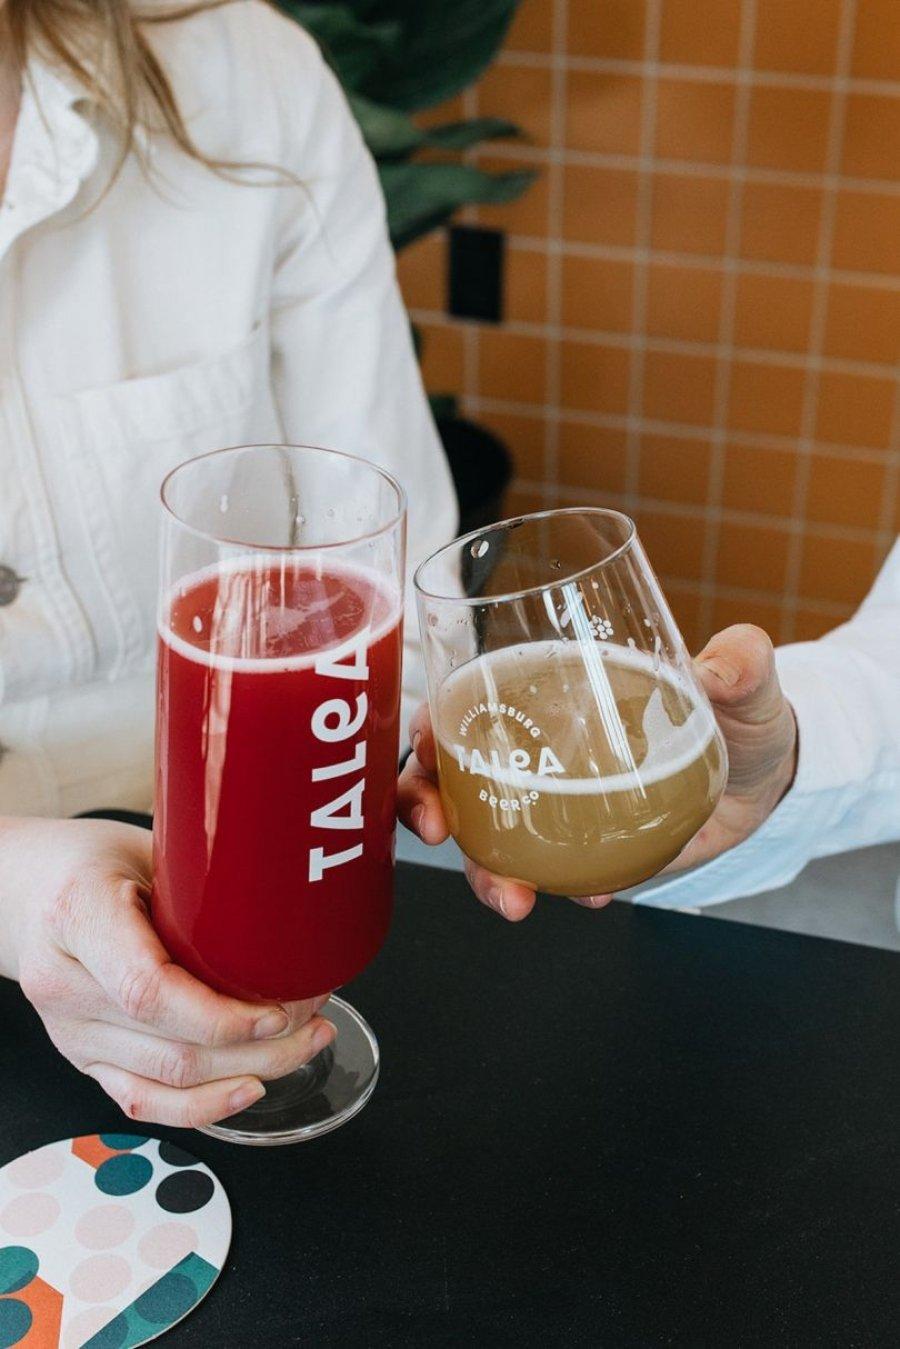 Copas de cerveza Talea